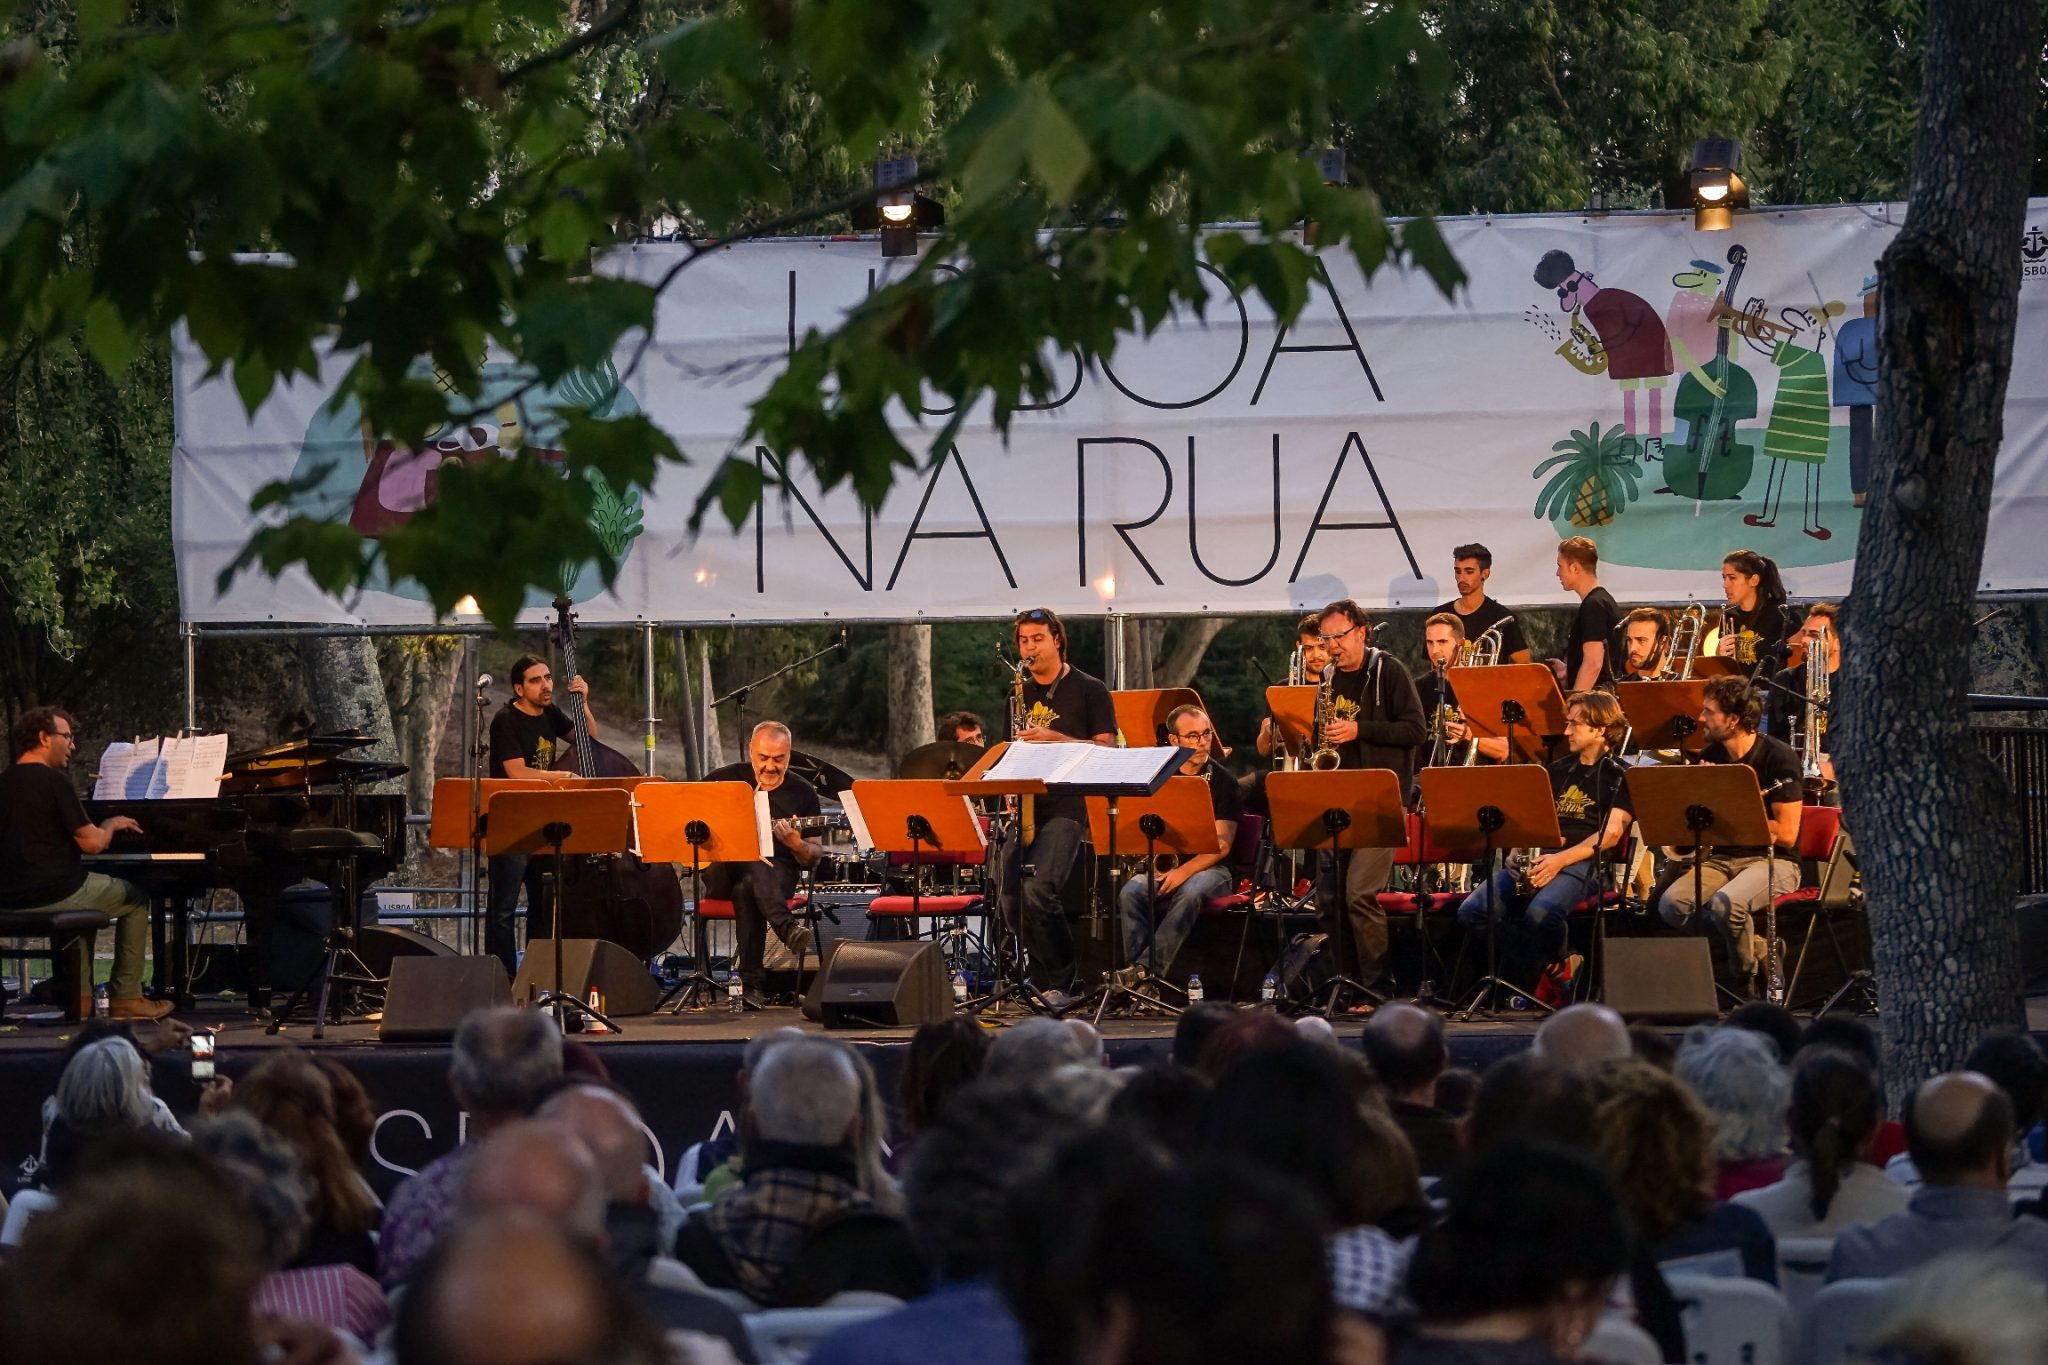 Orquestra de jazz toca num palco enquadrado por árvores. Numa faixa branca com ilustrações pode ler-se LISBOA NA RUA